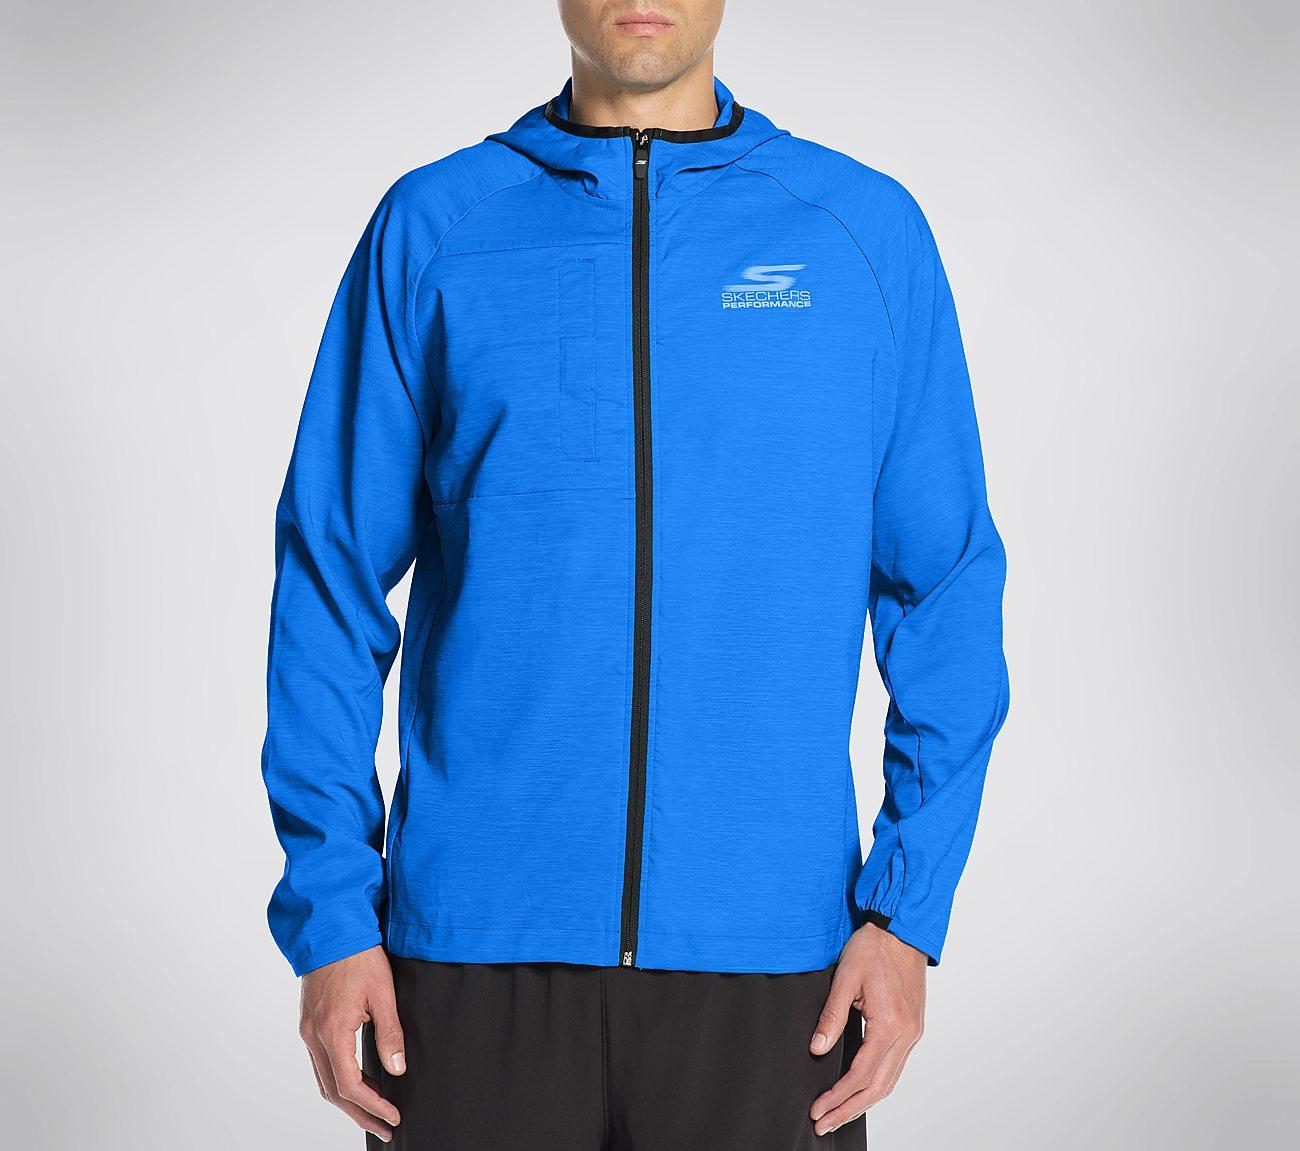 Skechers Performance Pocket Windbreaker Jacket